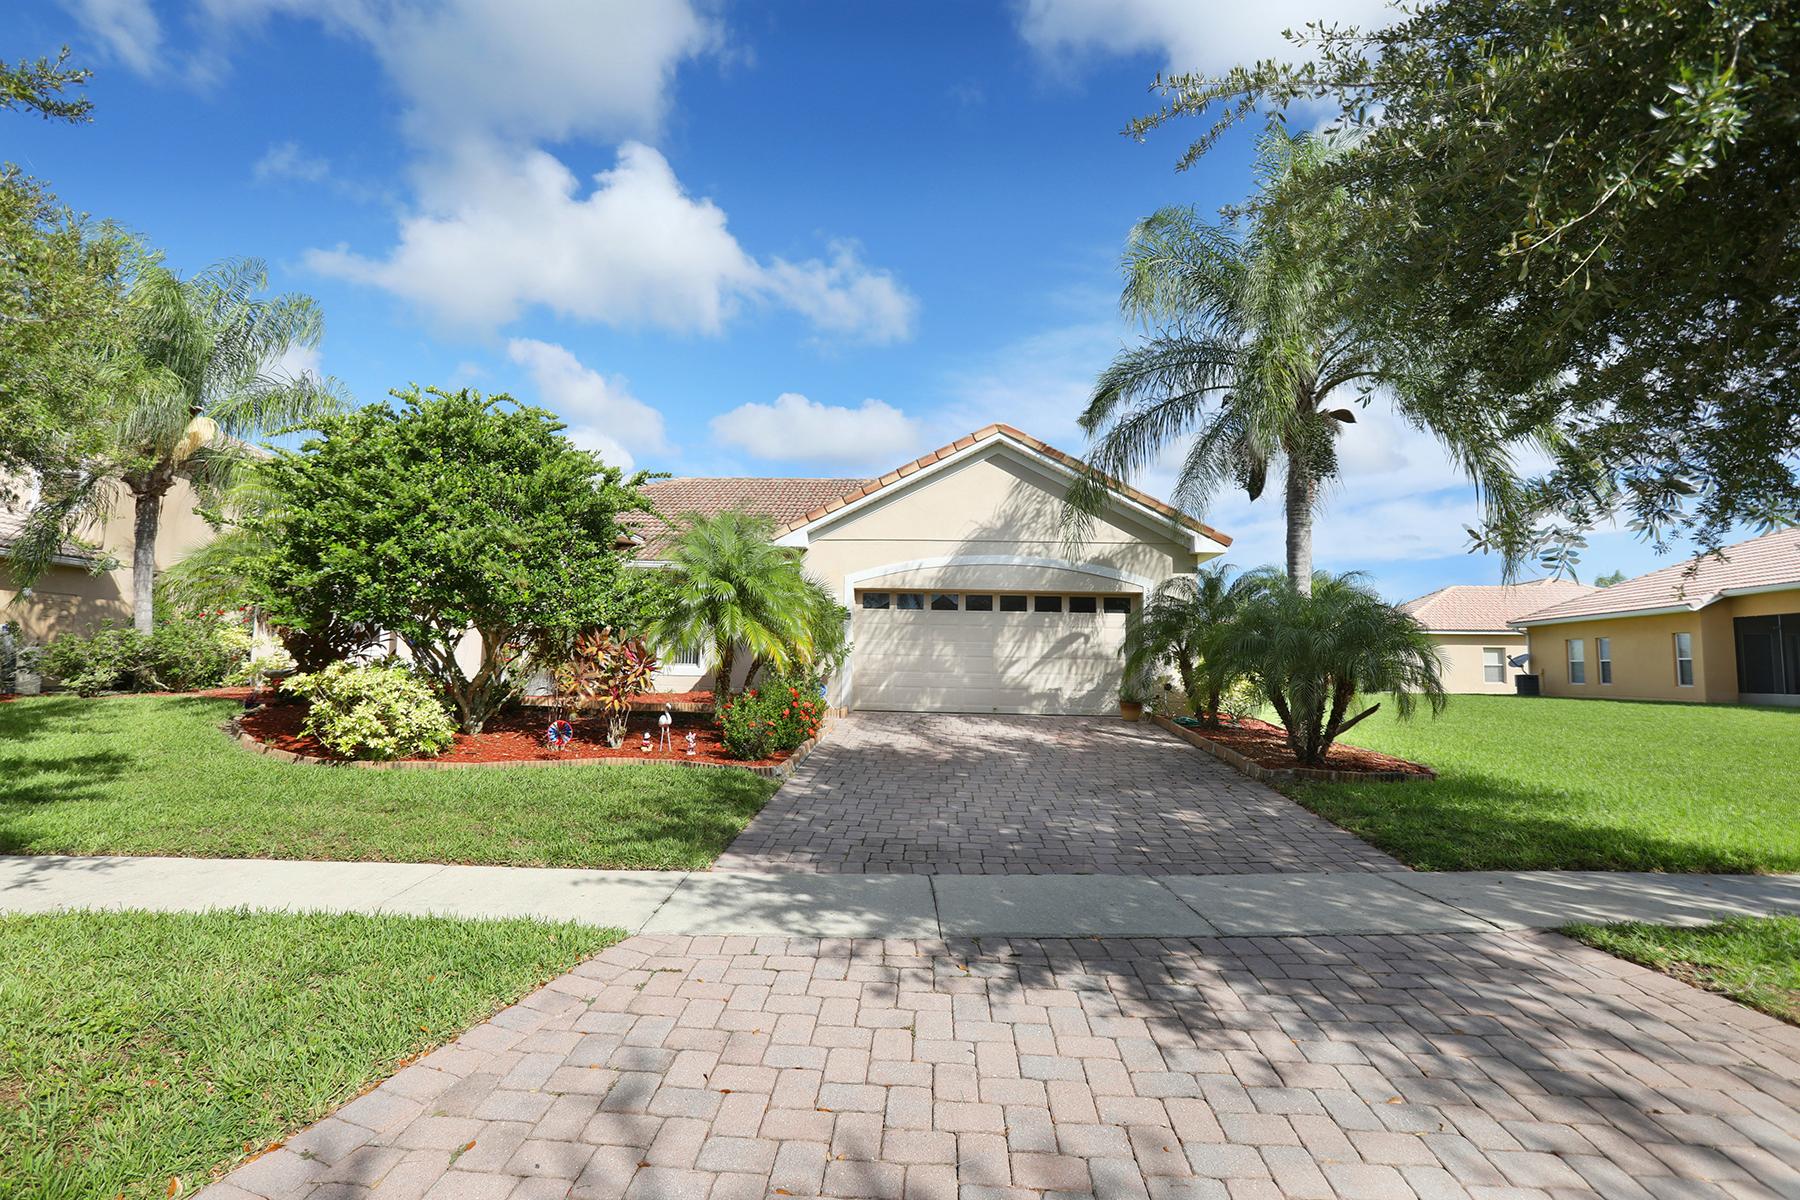 Single Family Homes für Verkauf beim KISSIMMEE 3552 Valleyview Dr, Kissimmee, Florida 34746 Vereinigte Staaten